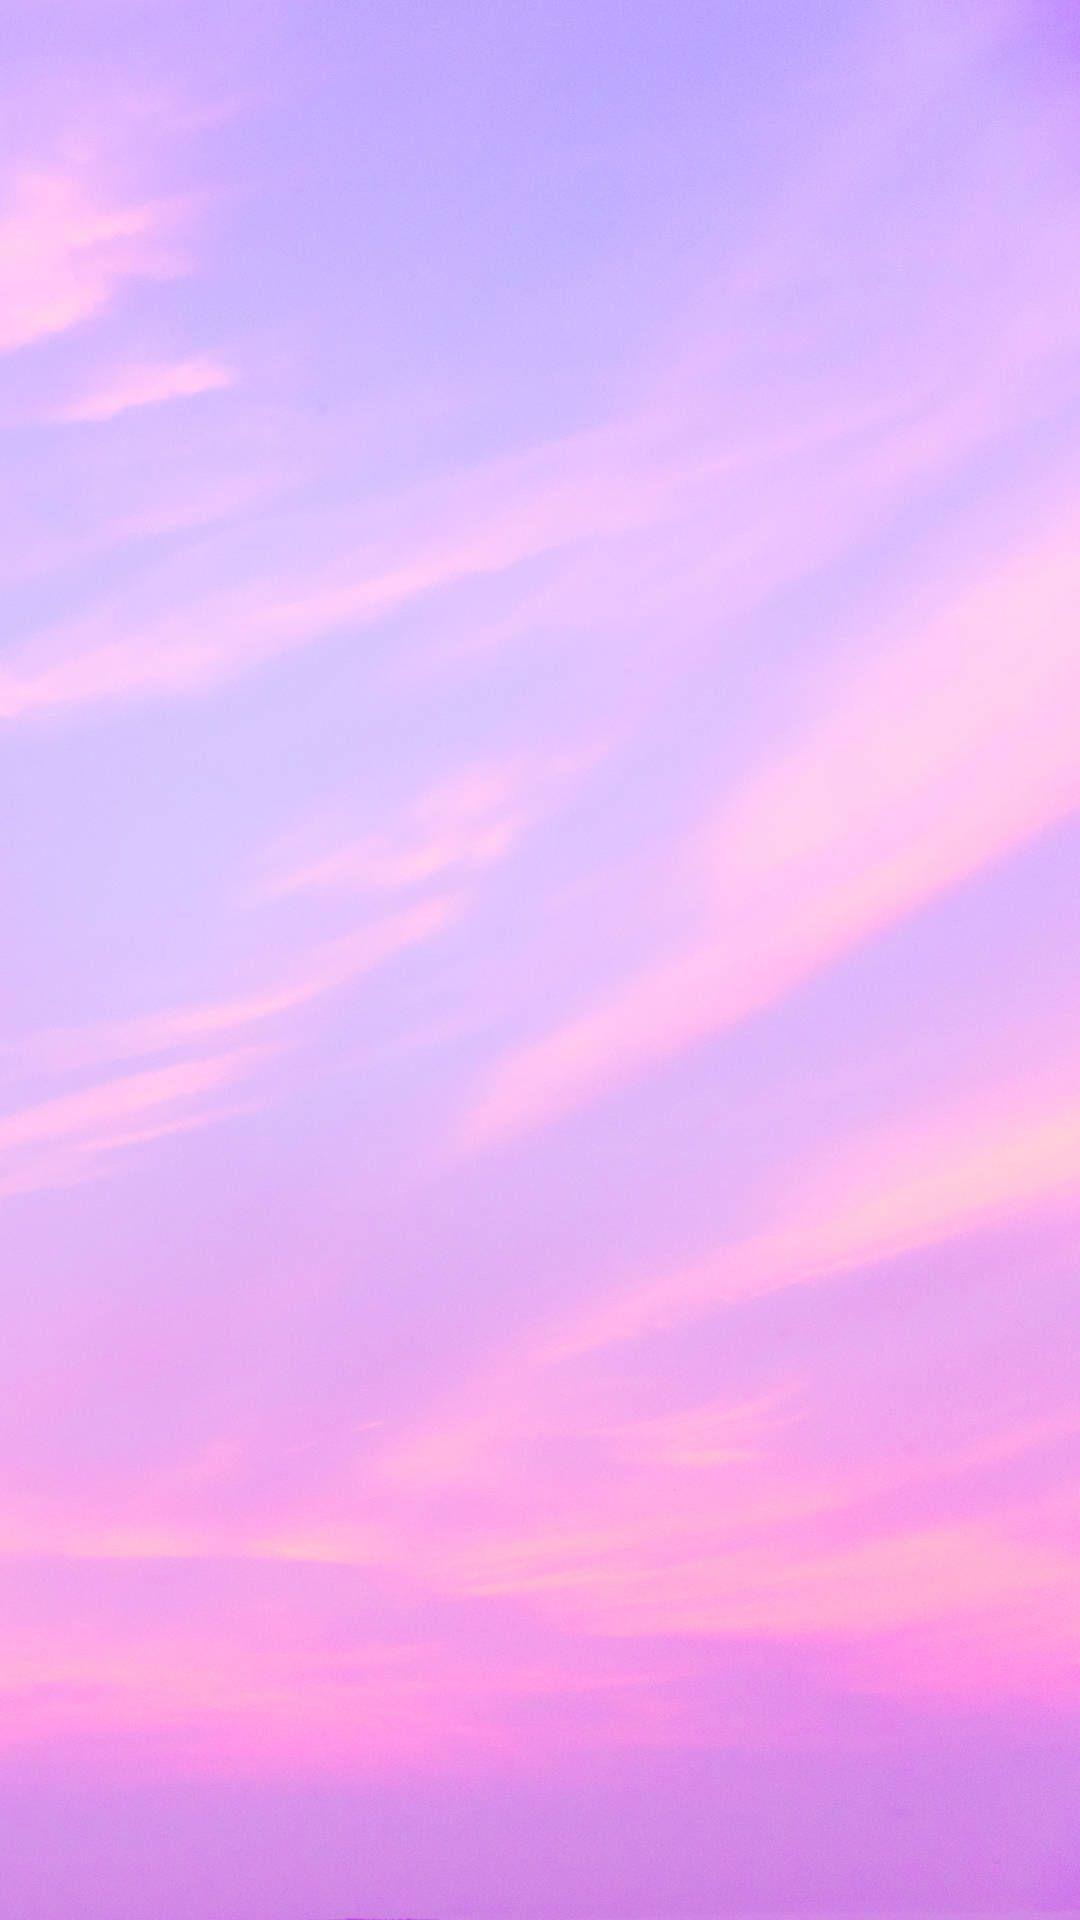 http://wallpaperformobile.org/14955/aesthetic-phone-wallpaper.html ...